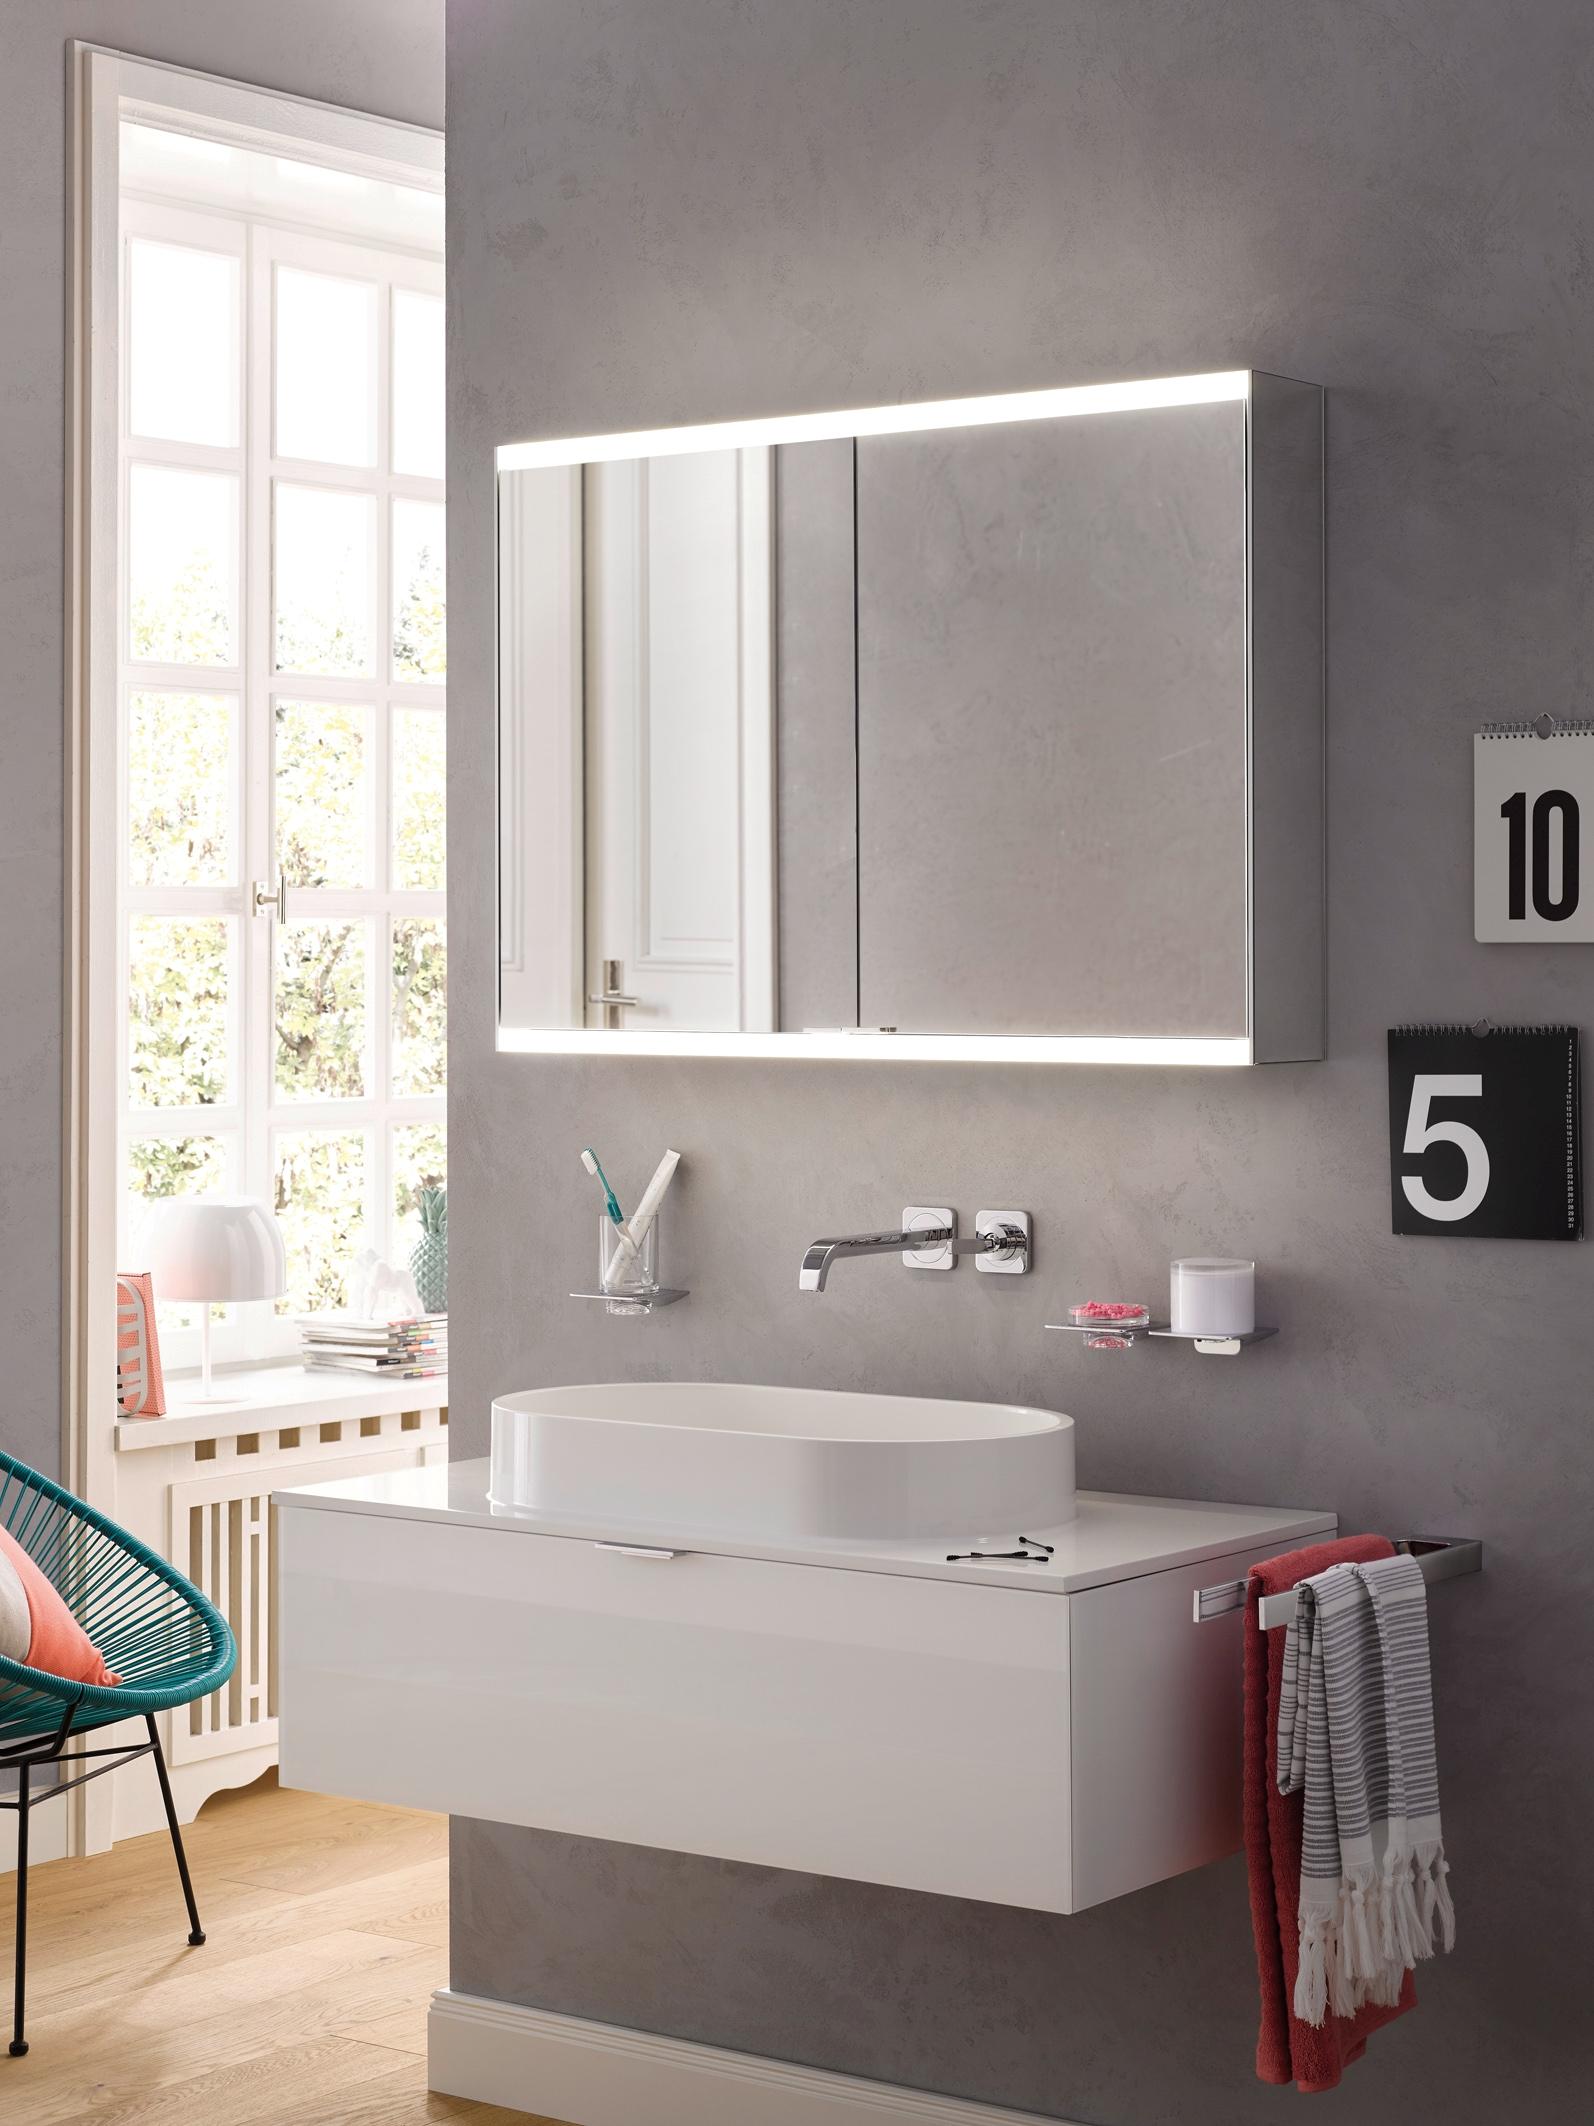 Lichtspektakel Im Badezimmer HWZ - Lichtplanung badezimmer